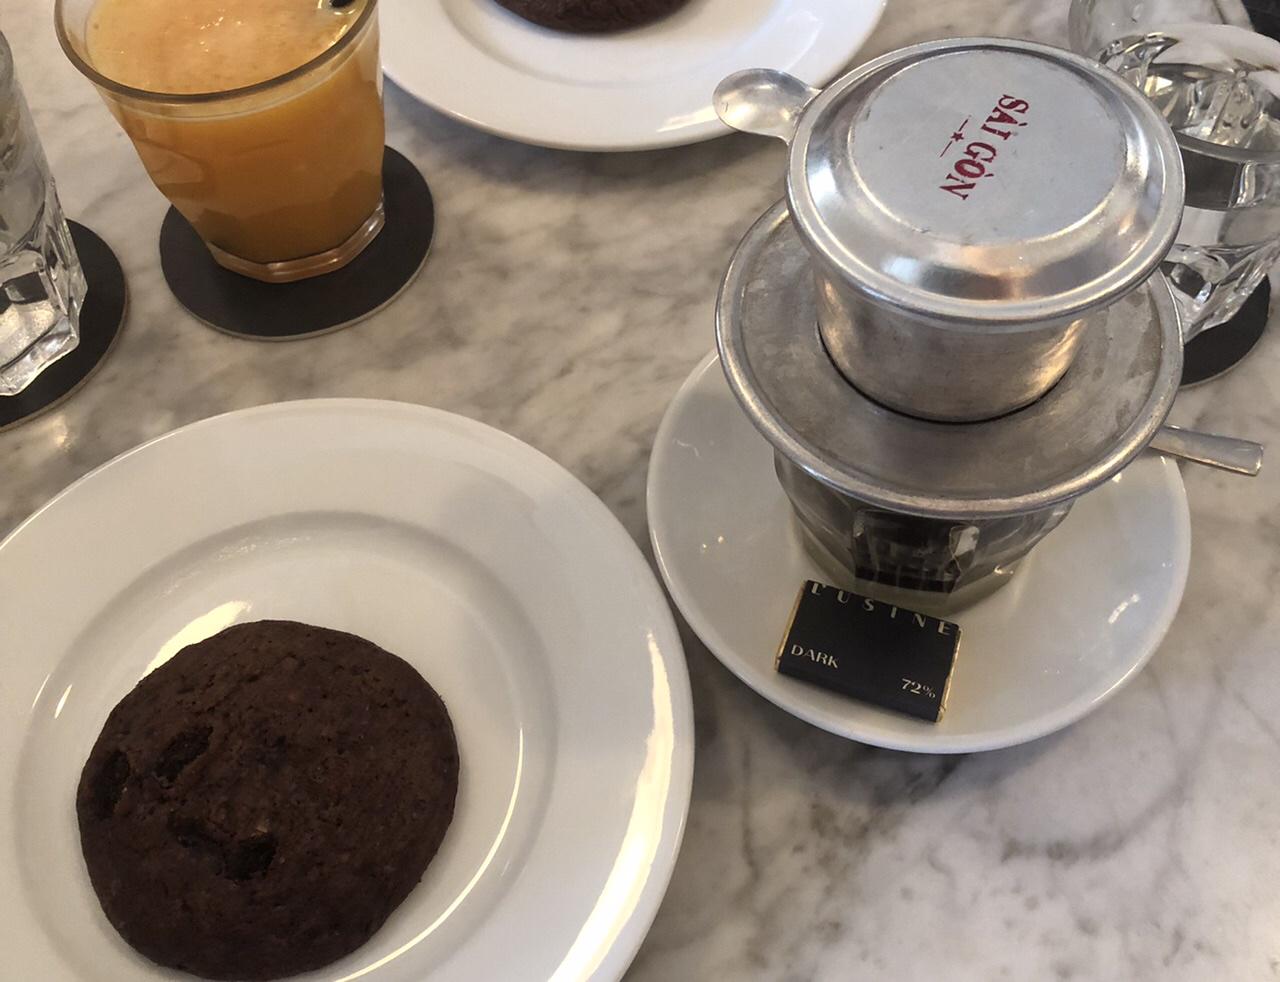 ベトナム式コーヒーの写真